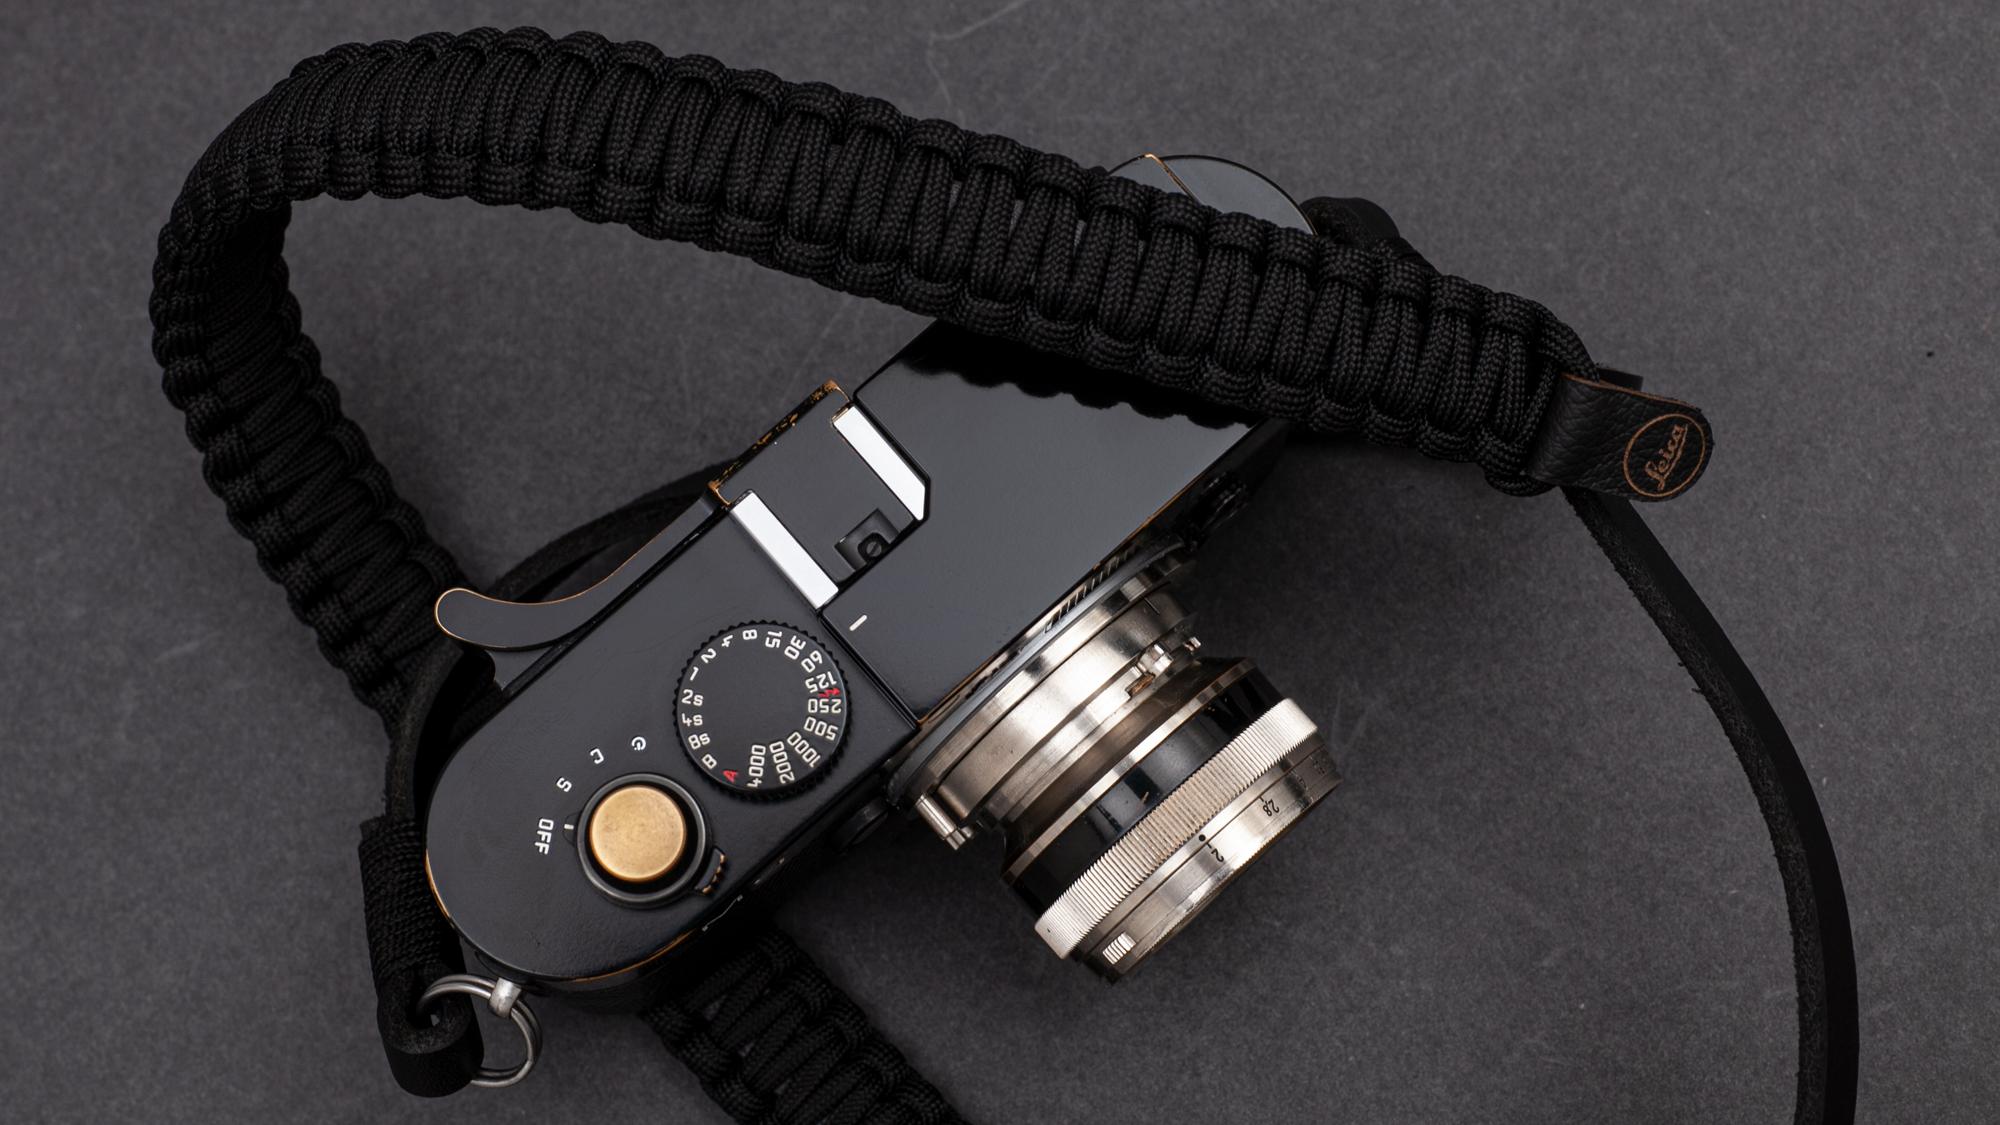 【Leica】ライカM9のストラップを変えてみた話